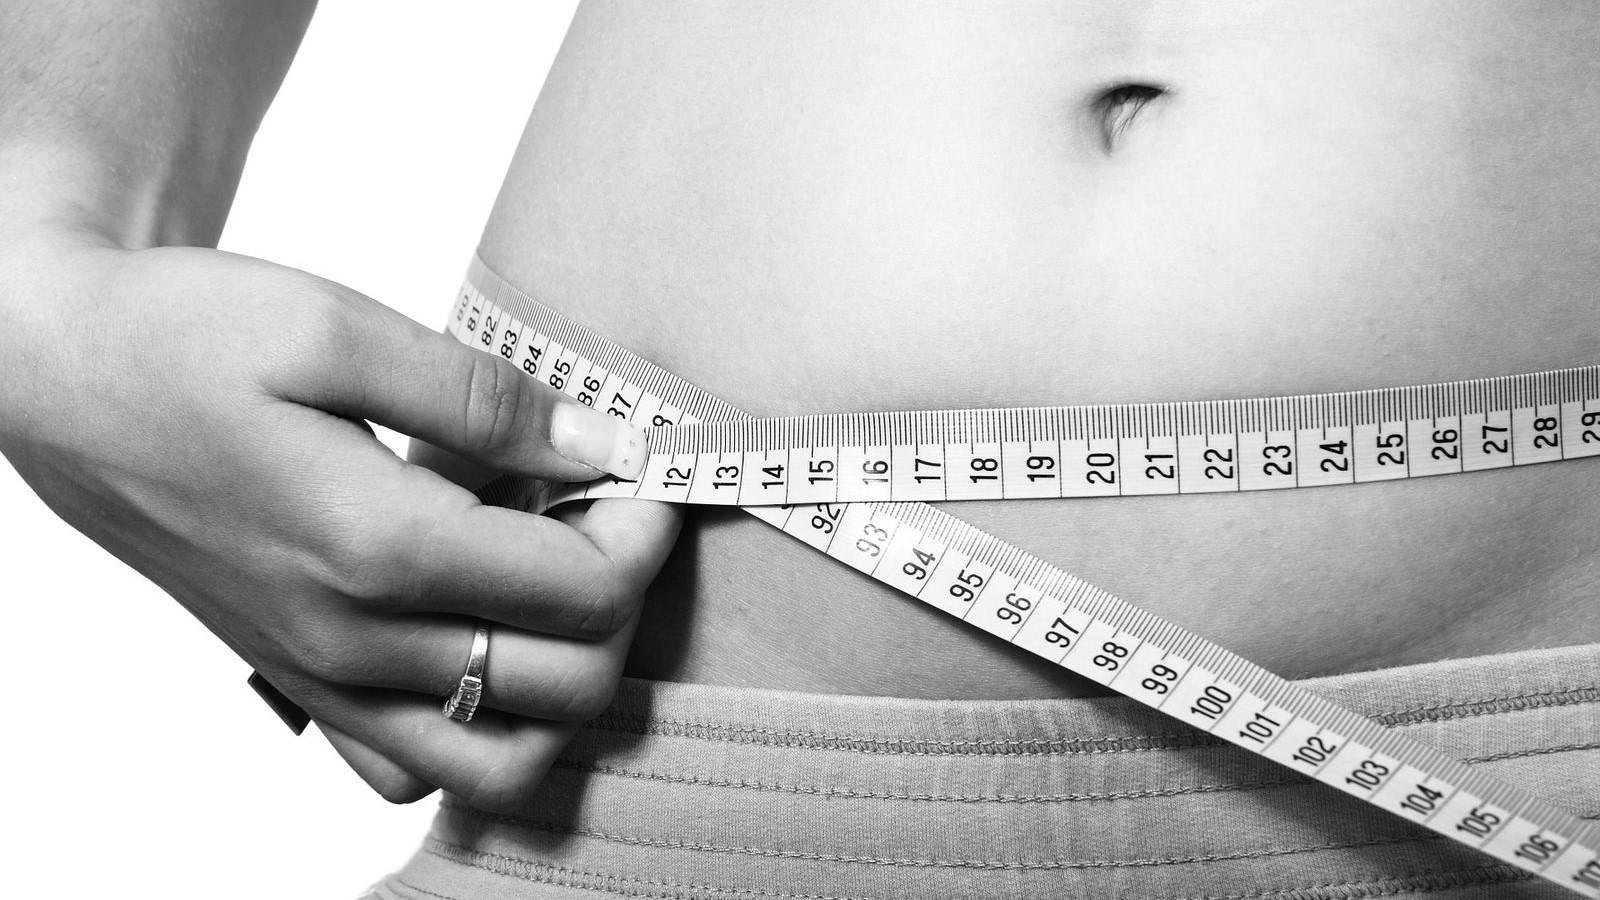 cum să-l faci să slăbească sfaturi pentru a pierde grăsimea intestinală